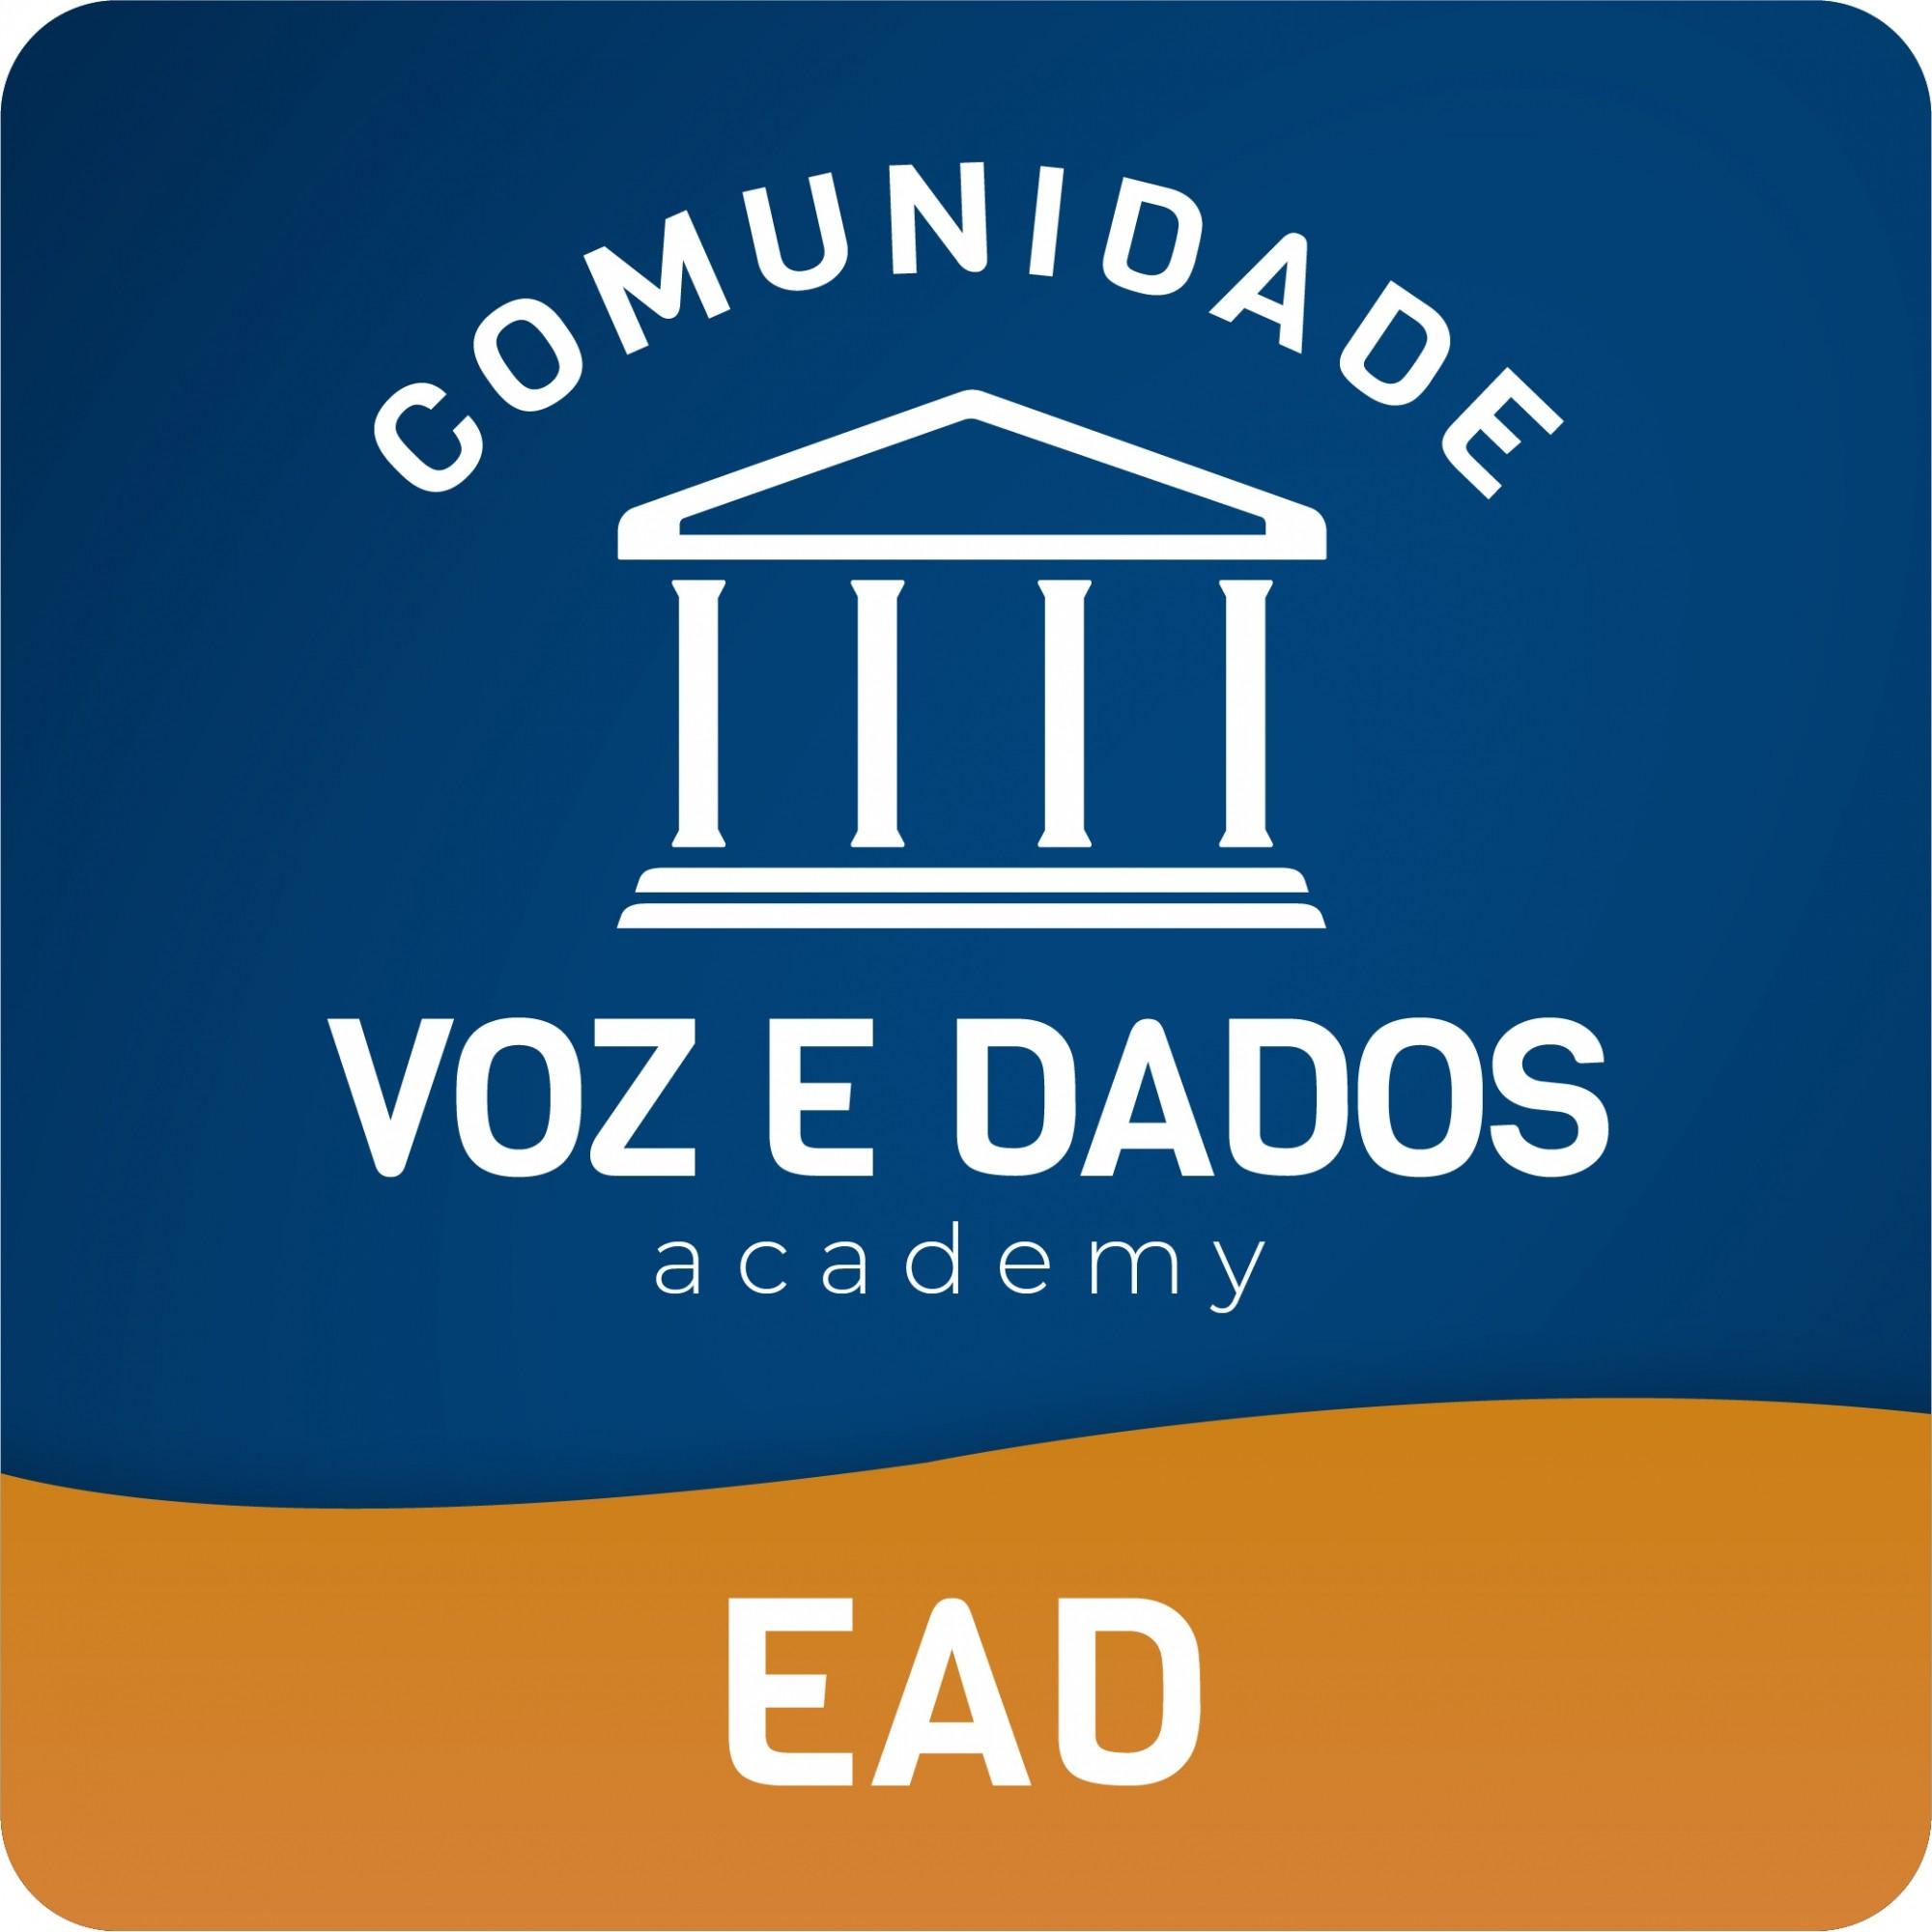 Comunidade Voz e Dados - somente EaDs - Anuidade  - Voz e Dados Academy